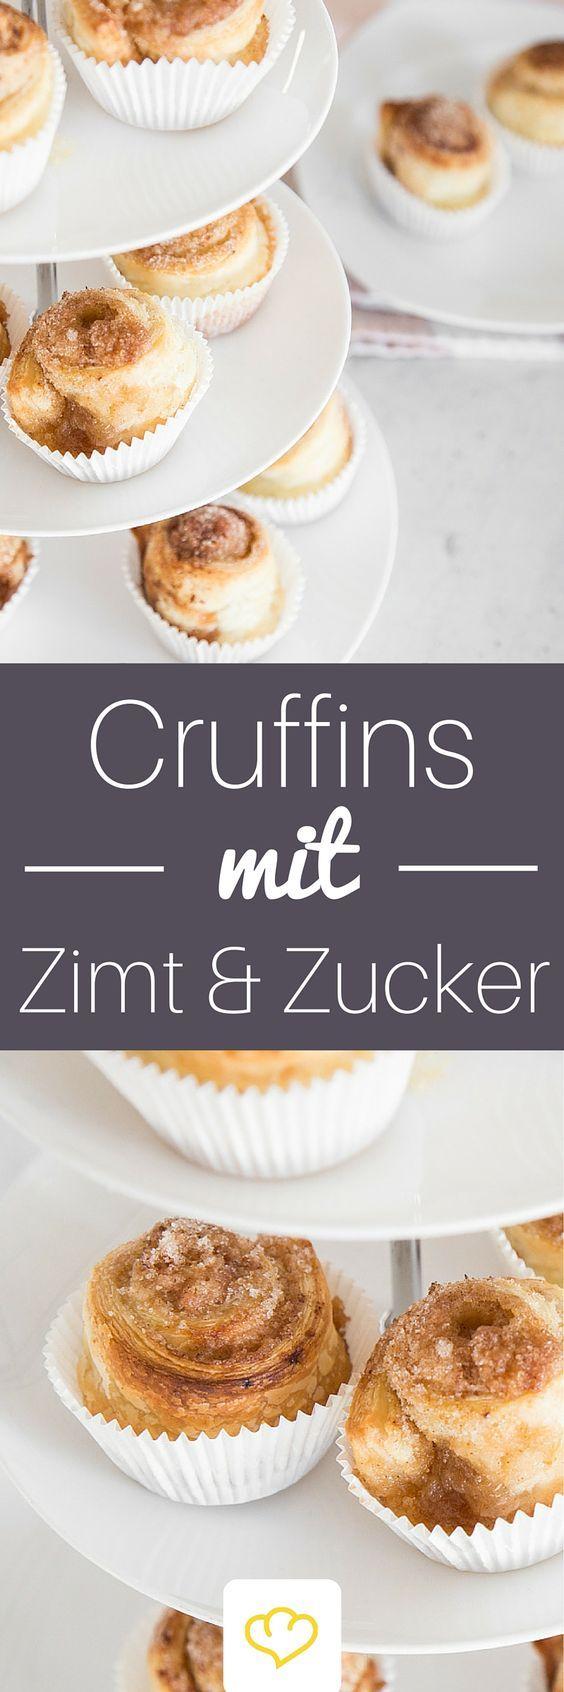 Cruffins mit Zimt und Zucker: Guten-Morgen-Muffins #breadrecipessweet